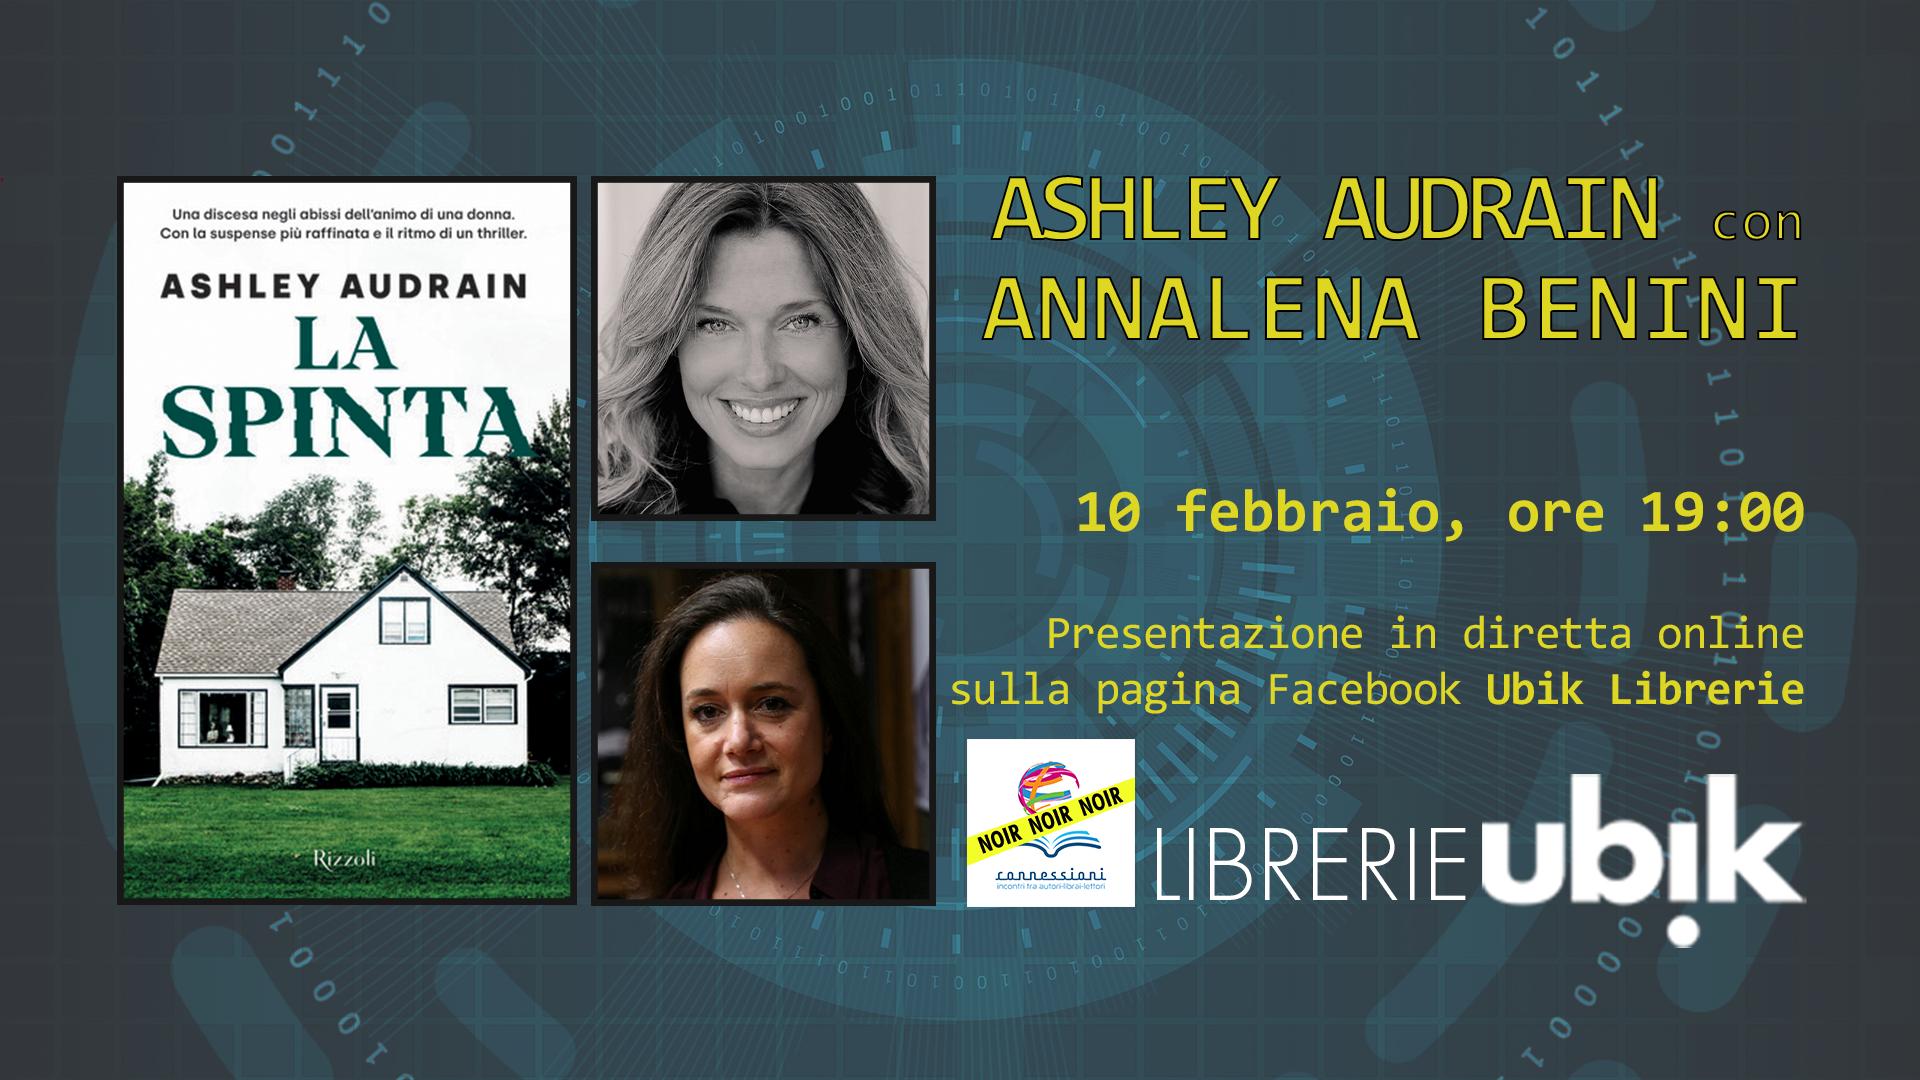 ASHLEY AUDRAIN con ANNALENA BENINI presenta